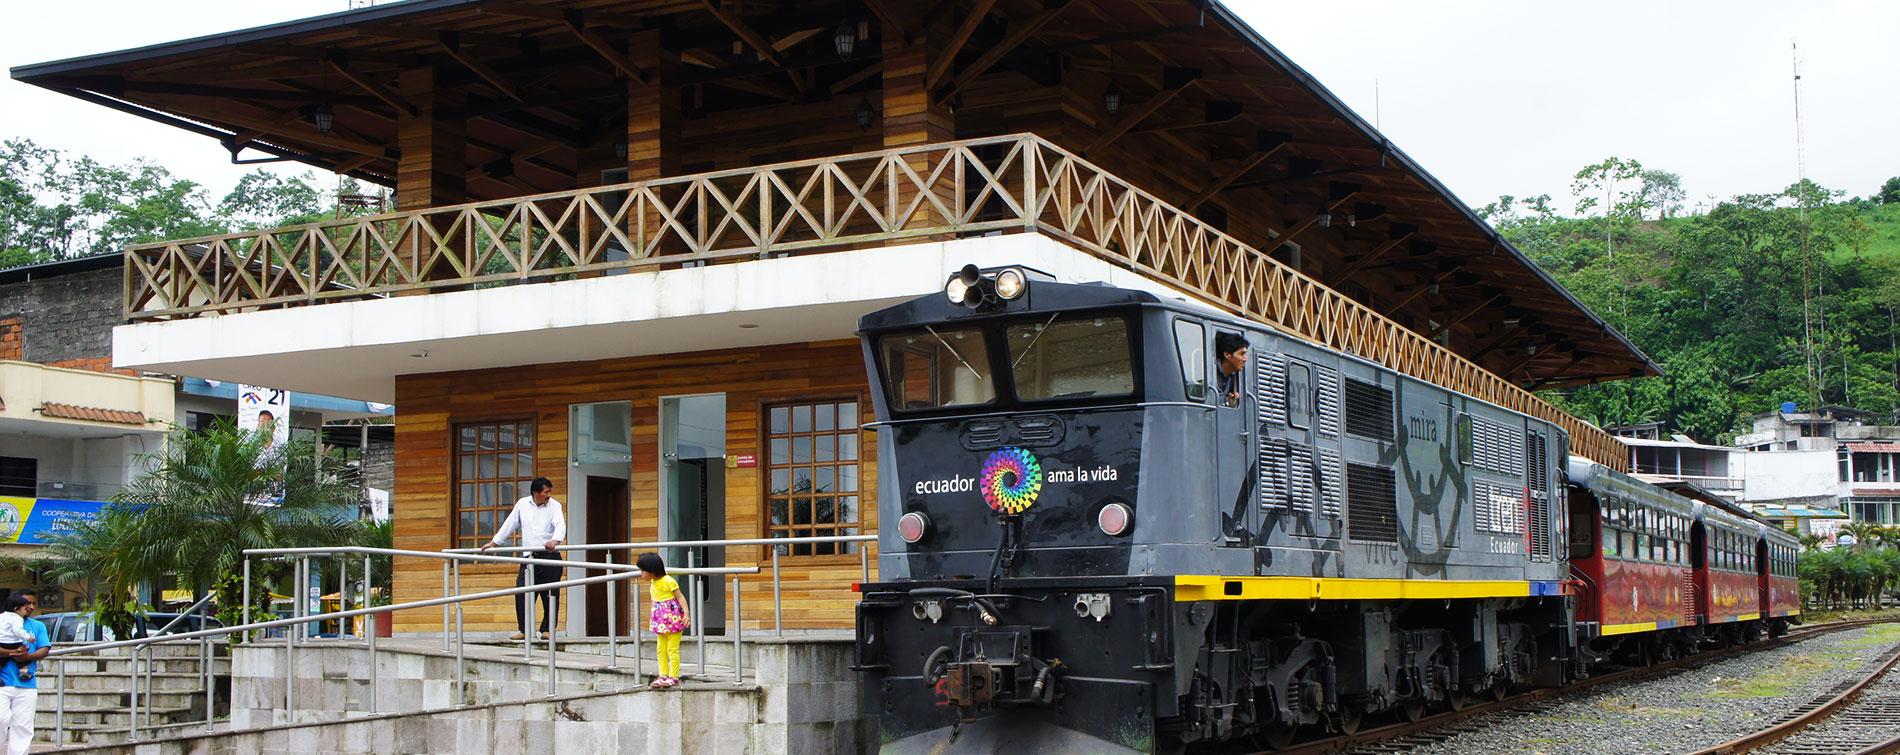 Tren Bucay Ecuador